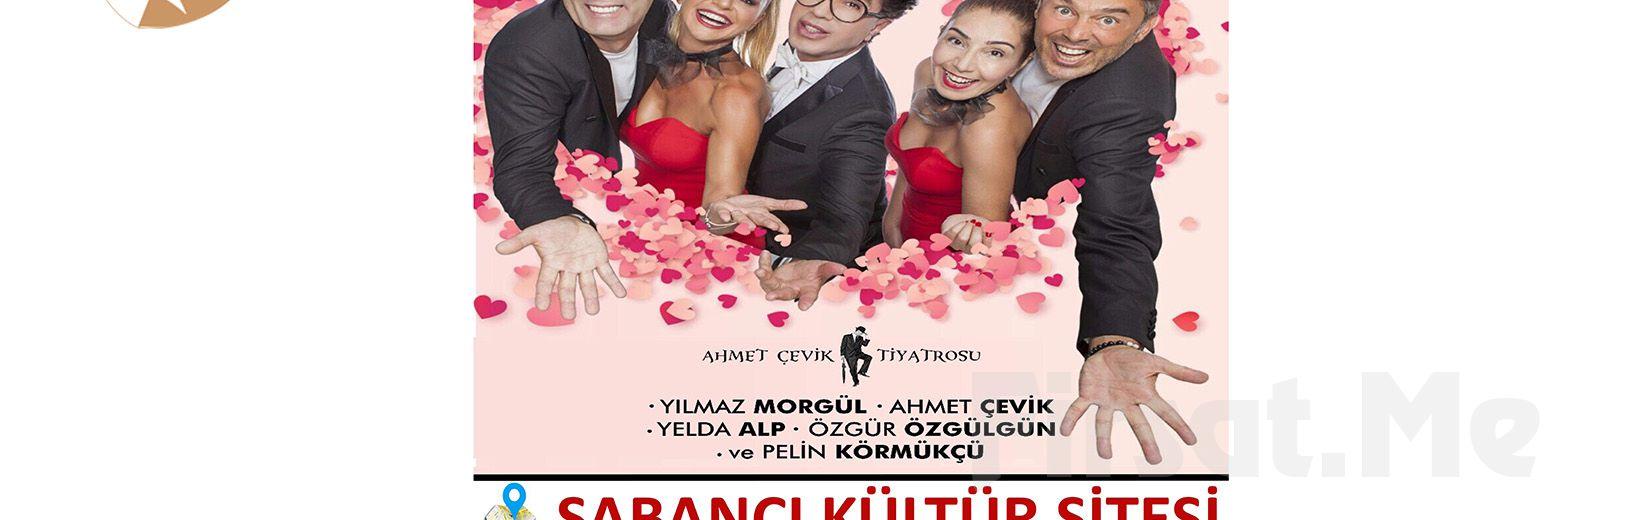 """Ünlü ve Usta Oyunculardan """"ŞAKA GİBİ"""" Tiyatro Oyun Bileti!"""